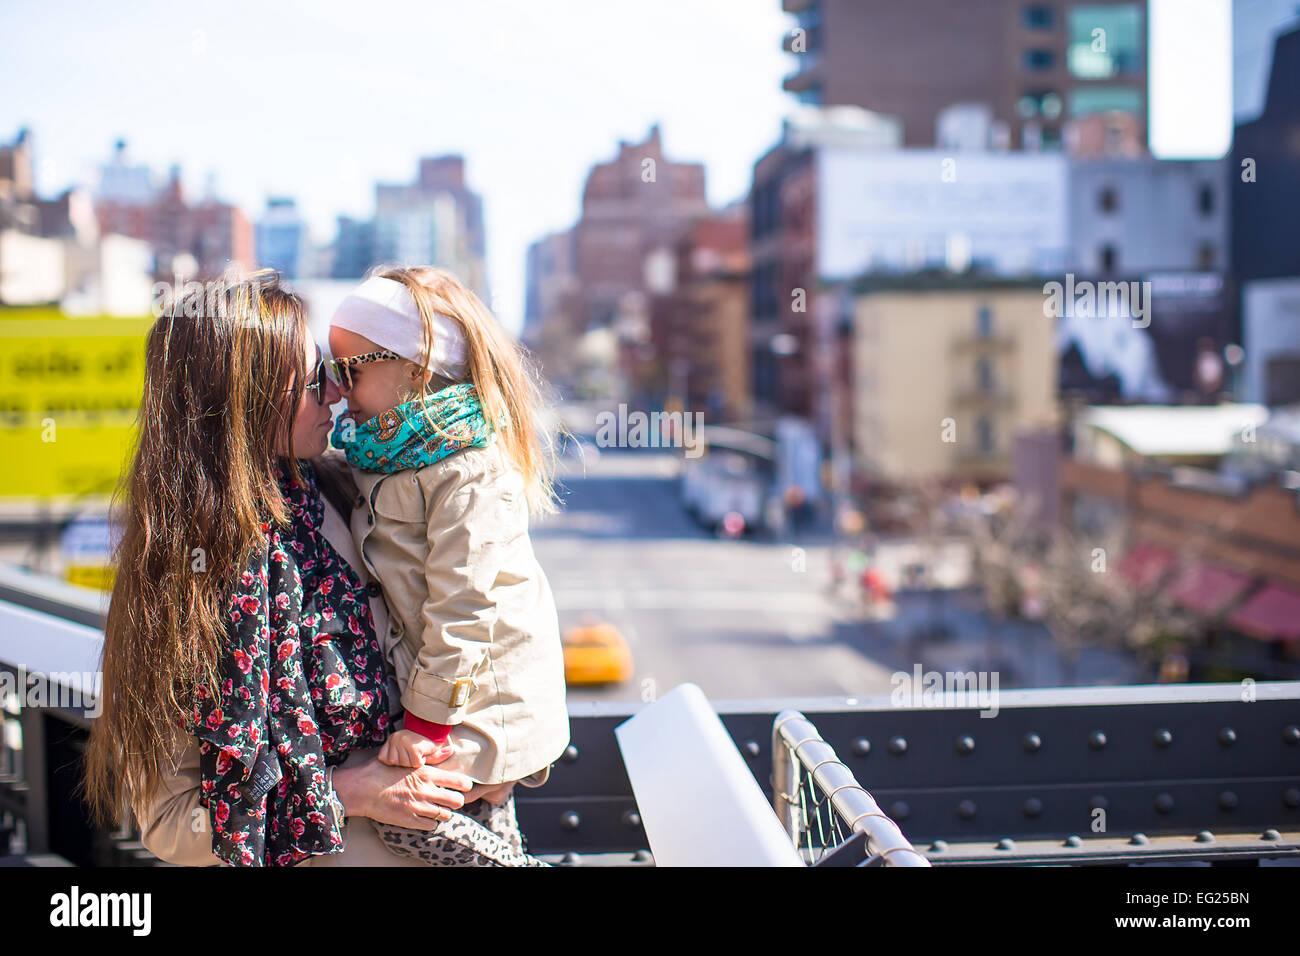 Adorabile bambina e madre godere di giornata di sole a New York la linea alta Immagini Stock